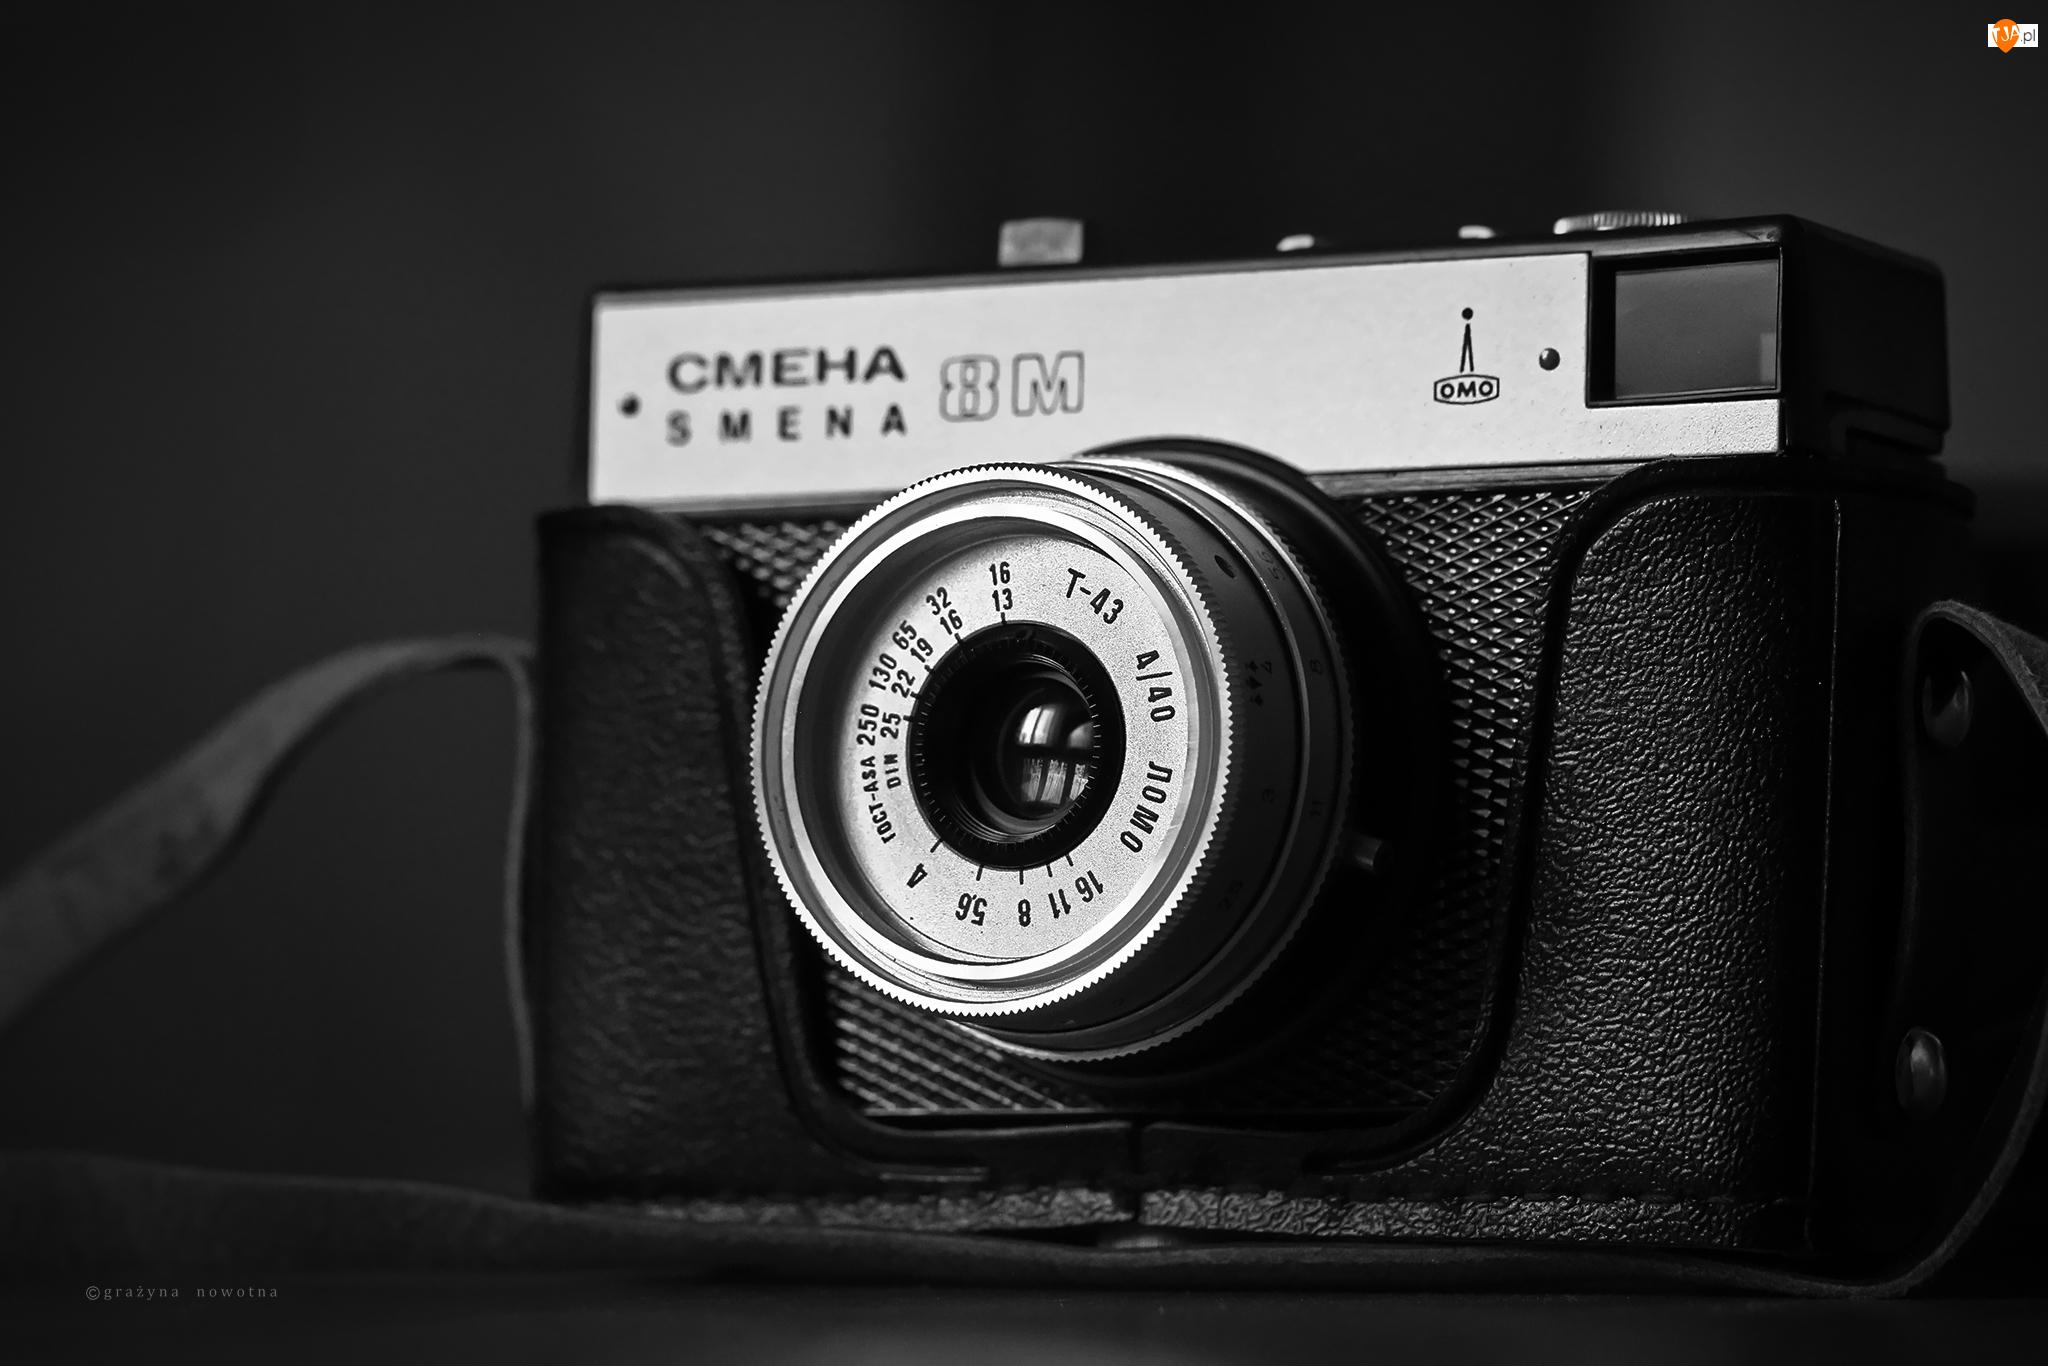 Aparat Fotograficzny, Obiektyw, Smiena, Radziecki